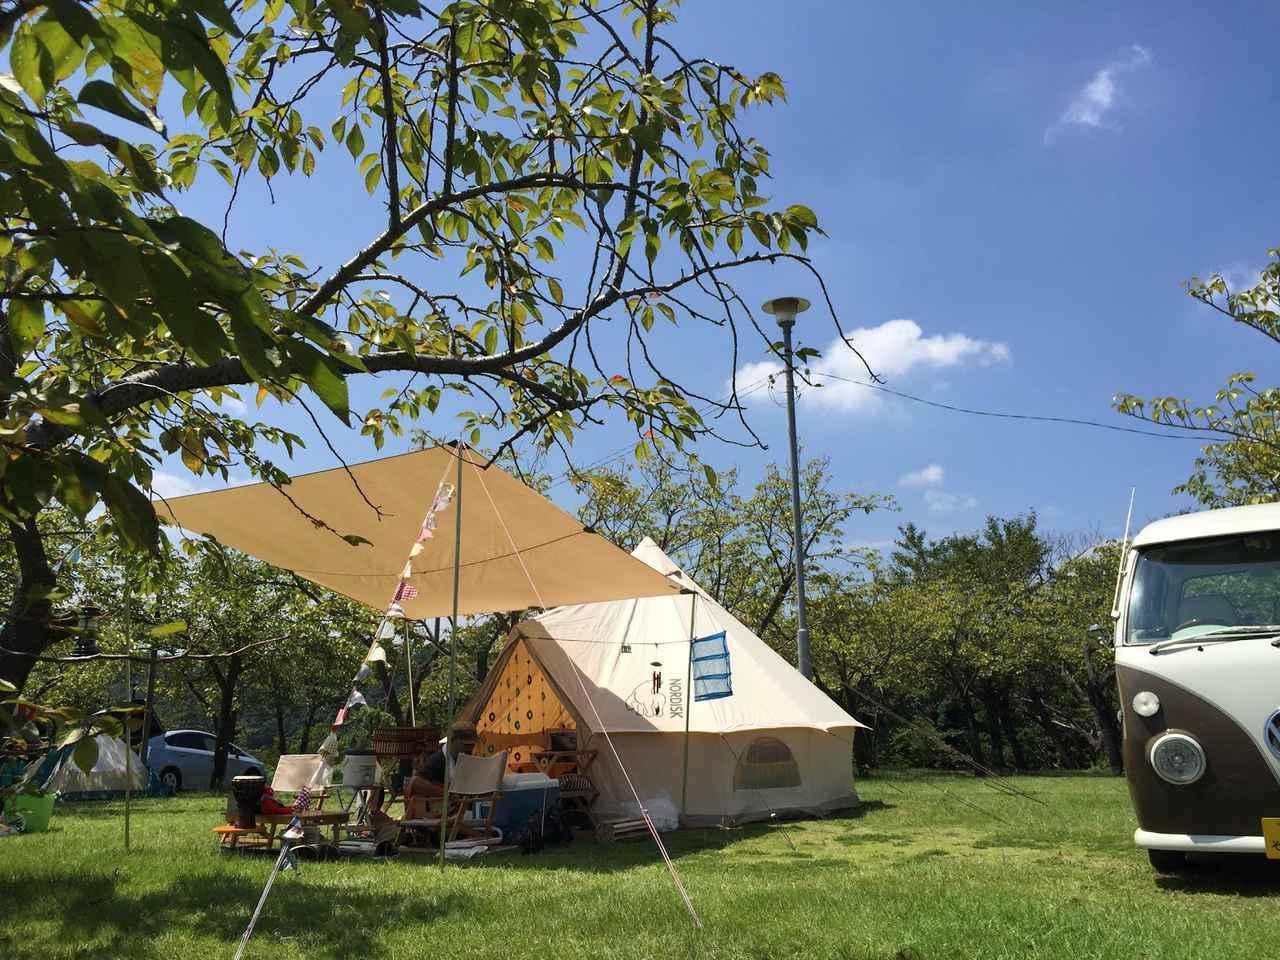 画像: コットンテントのお手入れ方法 防カビなどをしてくれるおすすめクリーニング業者も - ハピキャン キャンプ・アウトドア情報メディア